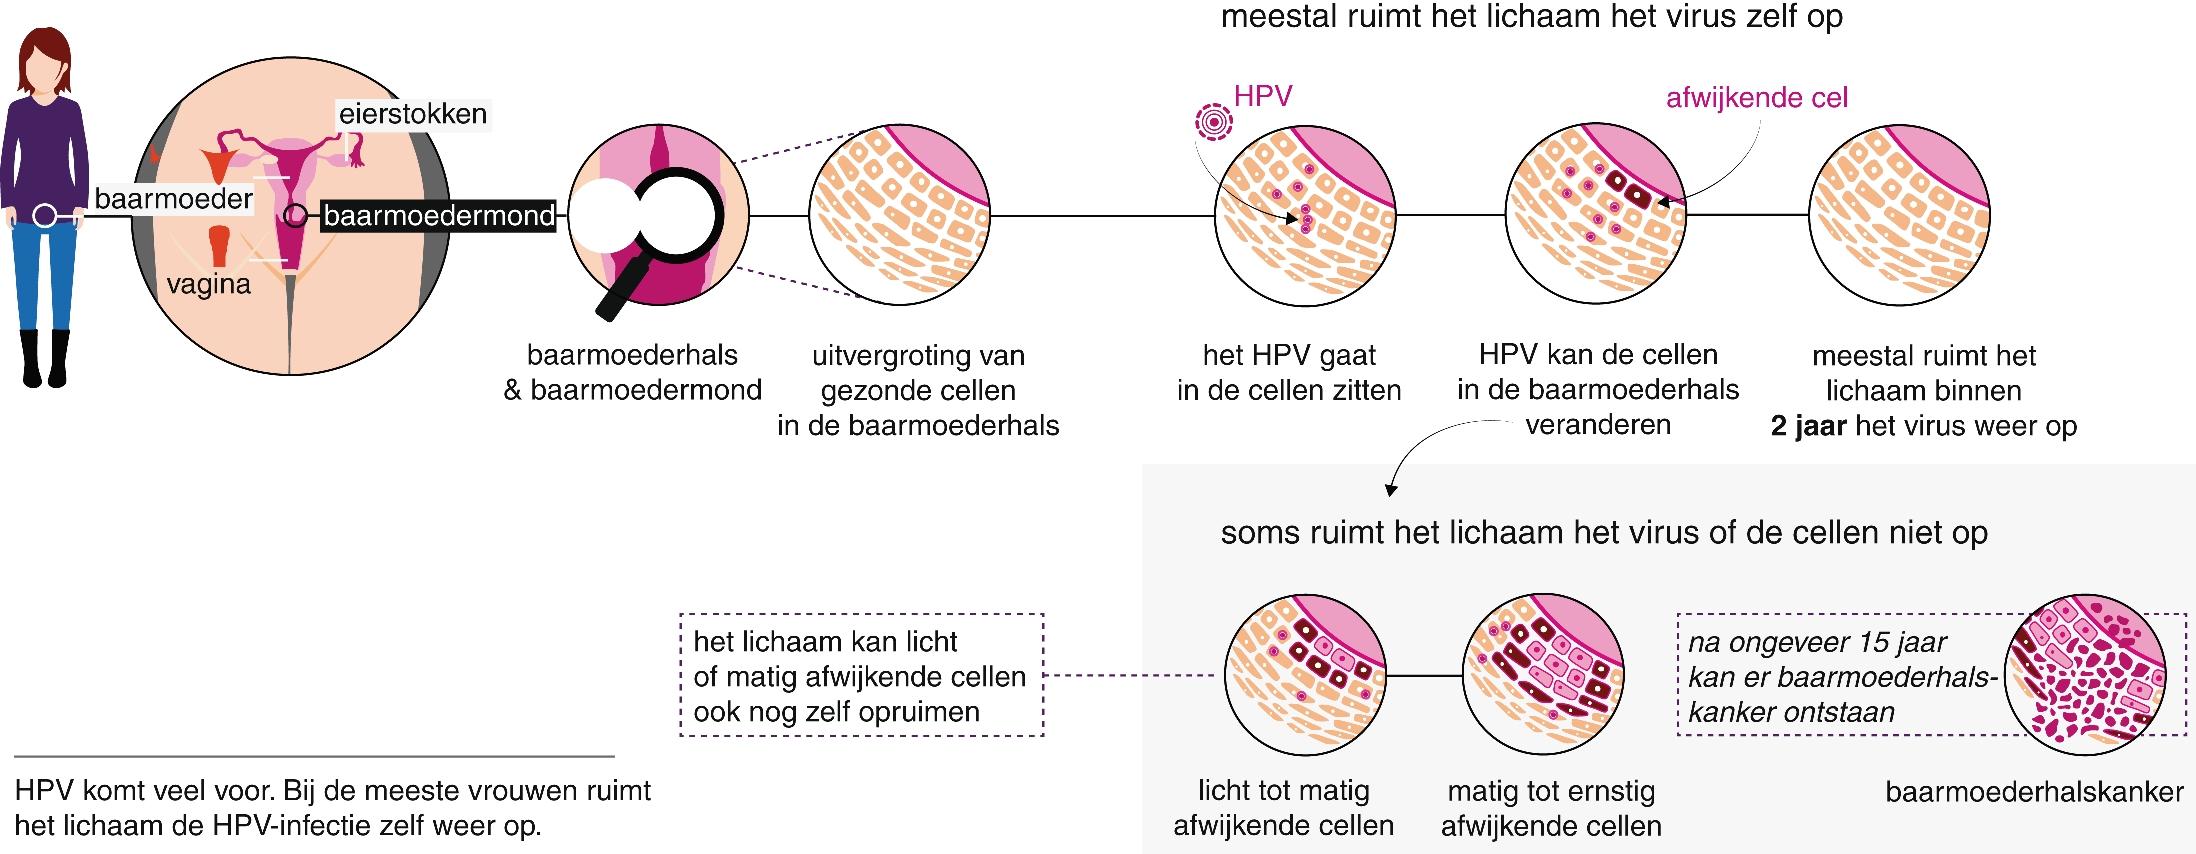 Hpv virus zelf opruimen - etigararunway.ro